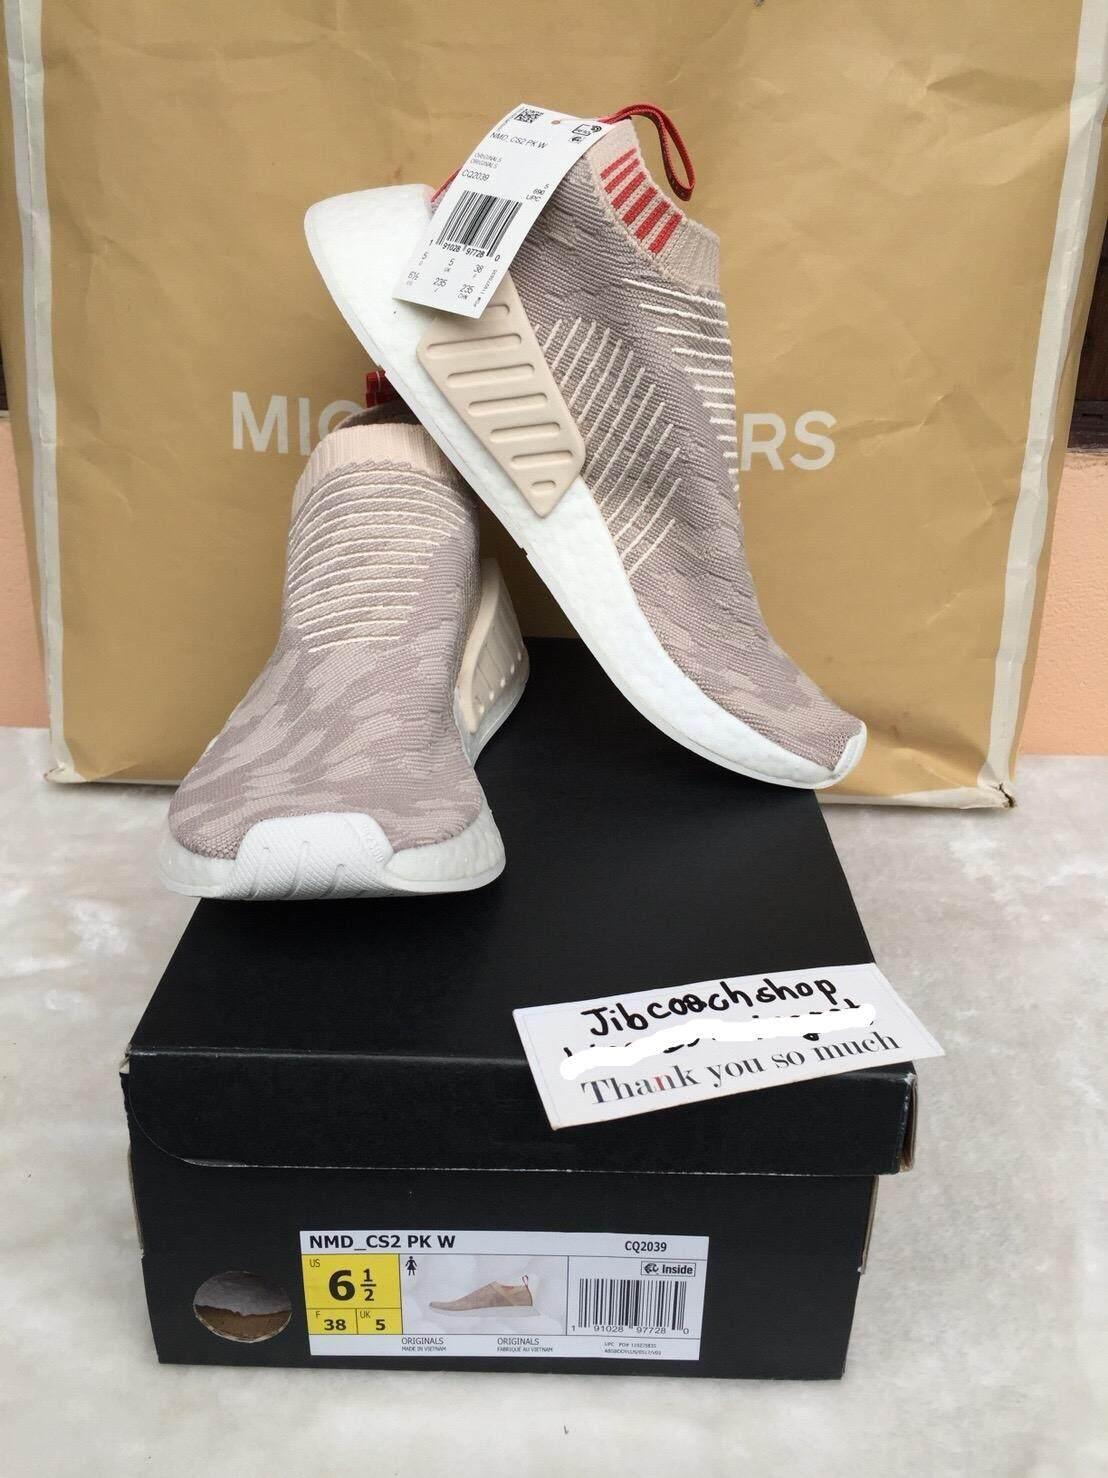 ยี่ห้อไหนดี  นครศรีธรรมราช Adidas CQ2039 WOMEN S ORIGINALS NMD_CS2 PRIMEKNIT SHOES